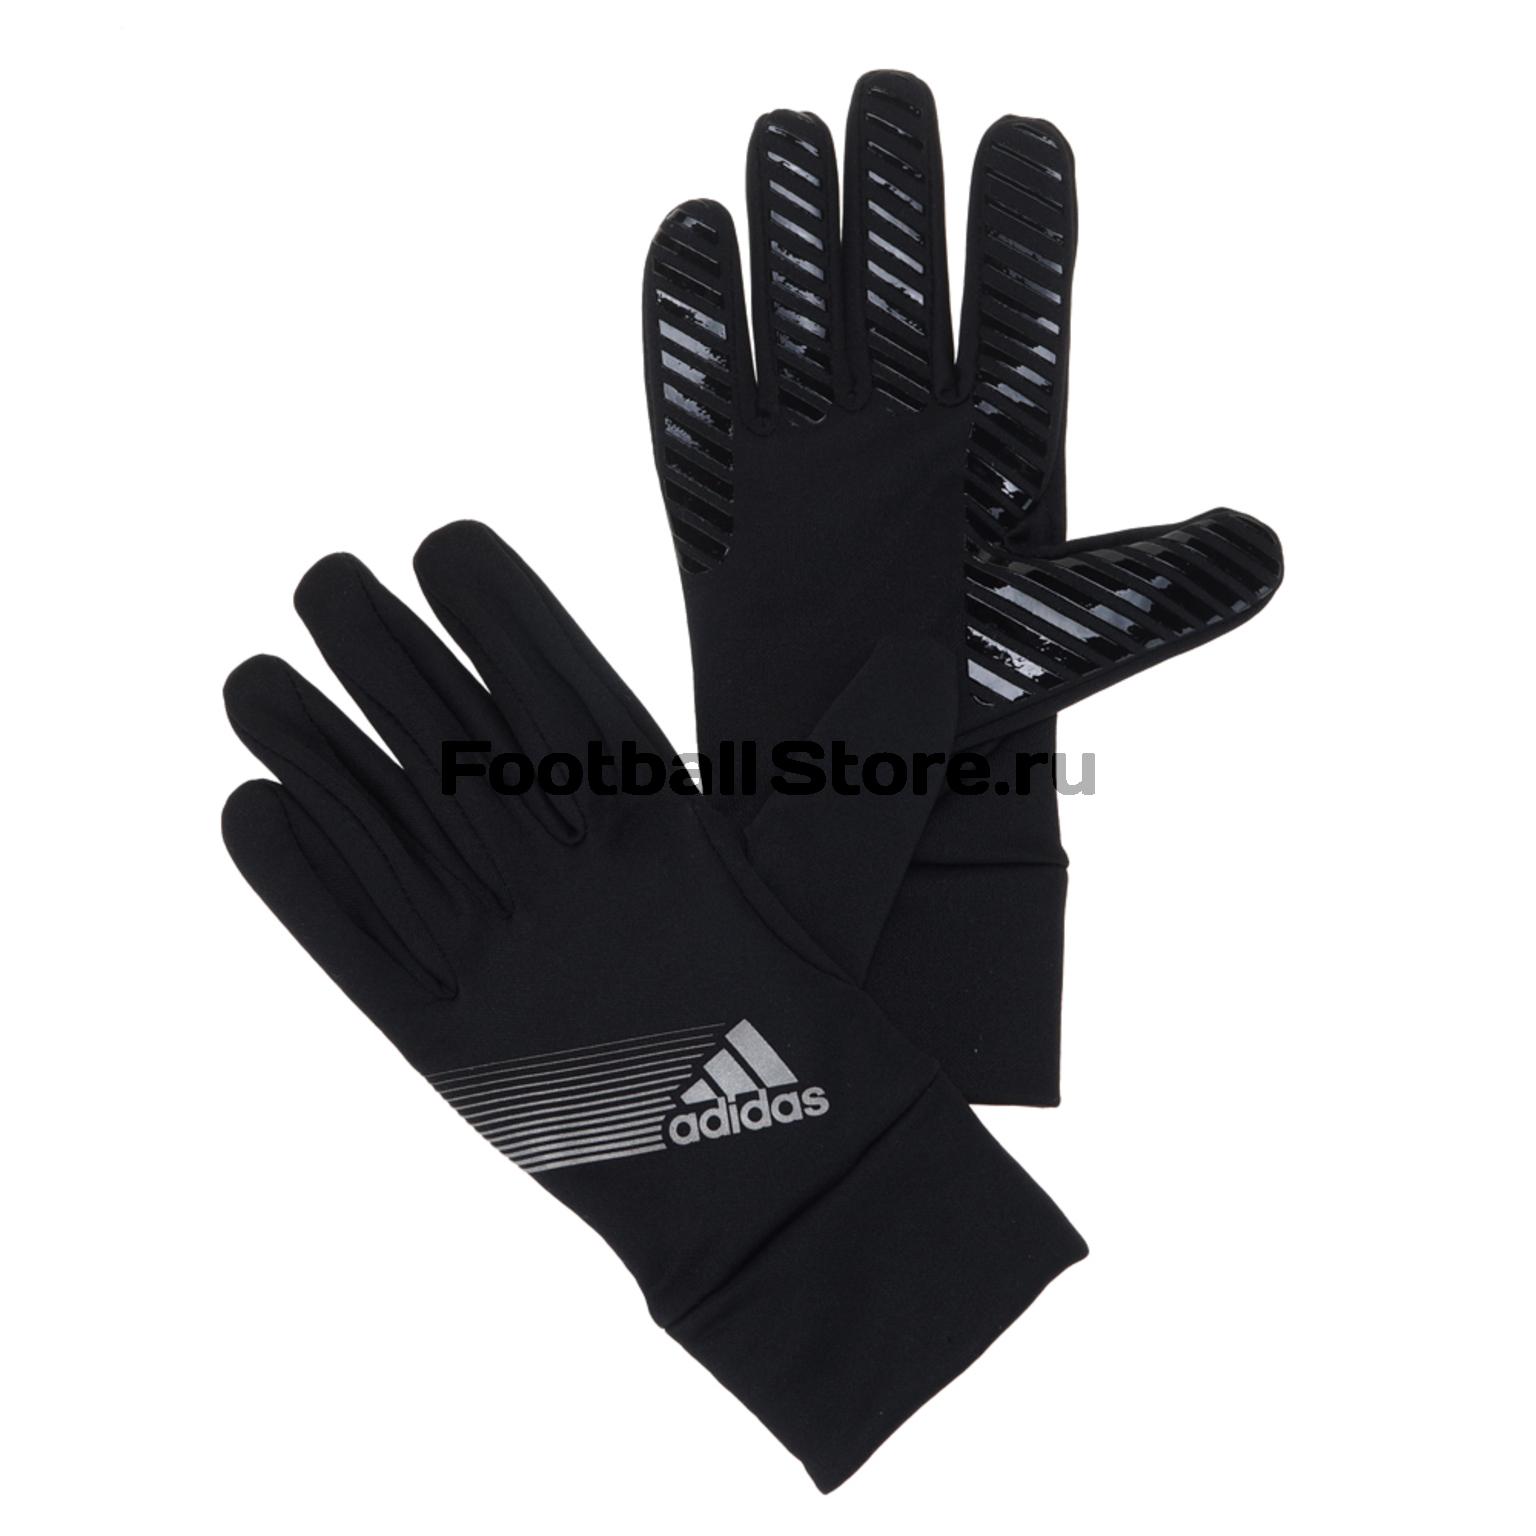 Перчатки тренировочные Adidas Fieldplayer Central Player Gloves W44097 внутренние перчатки adidas inner gloves черно синие adibp022